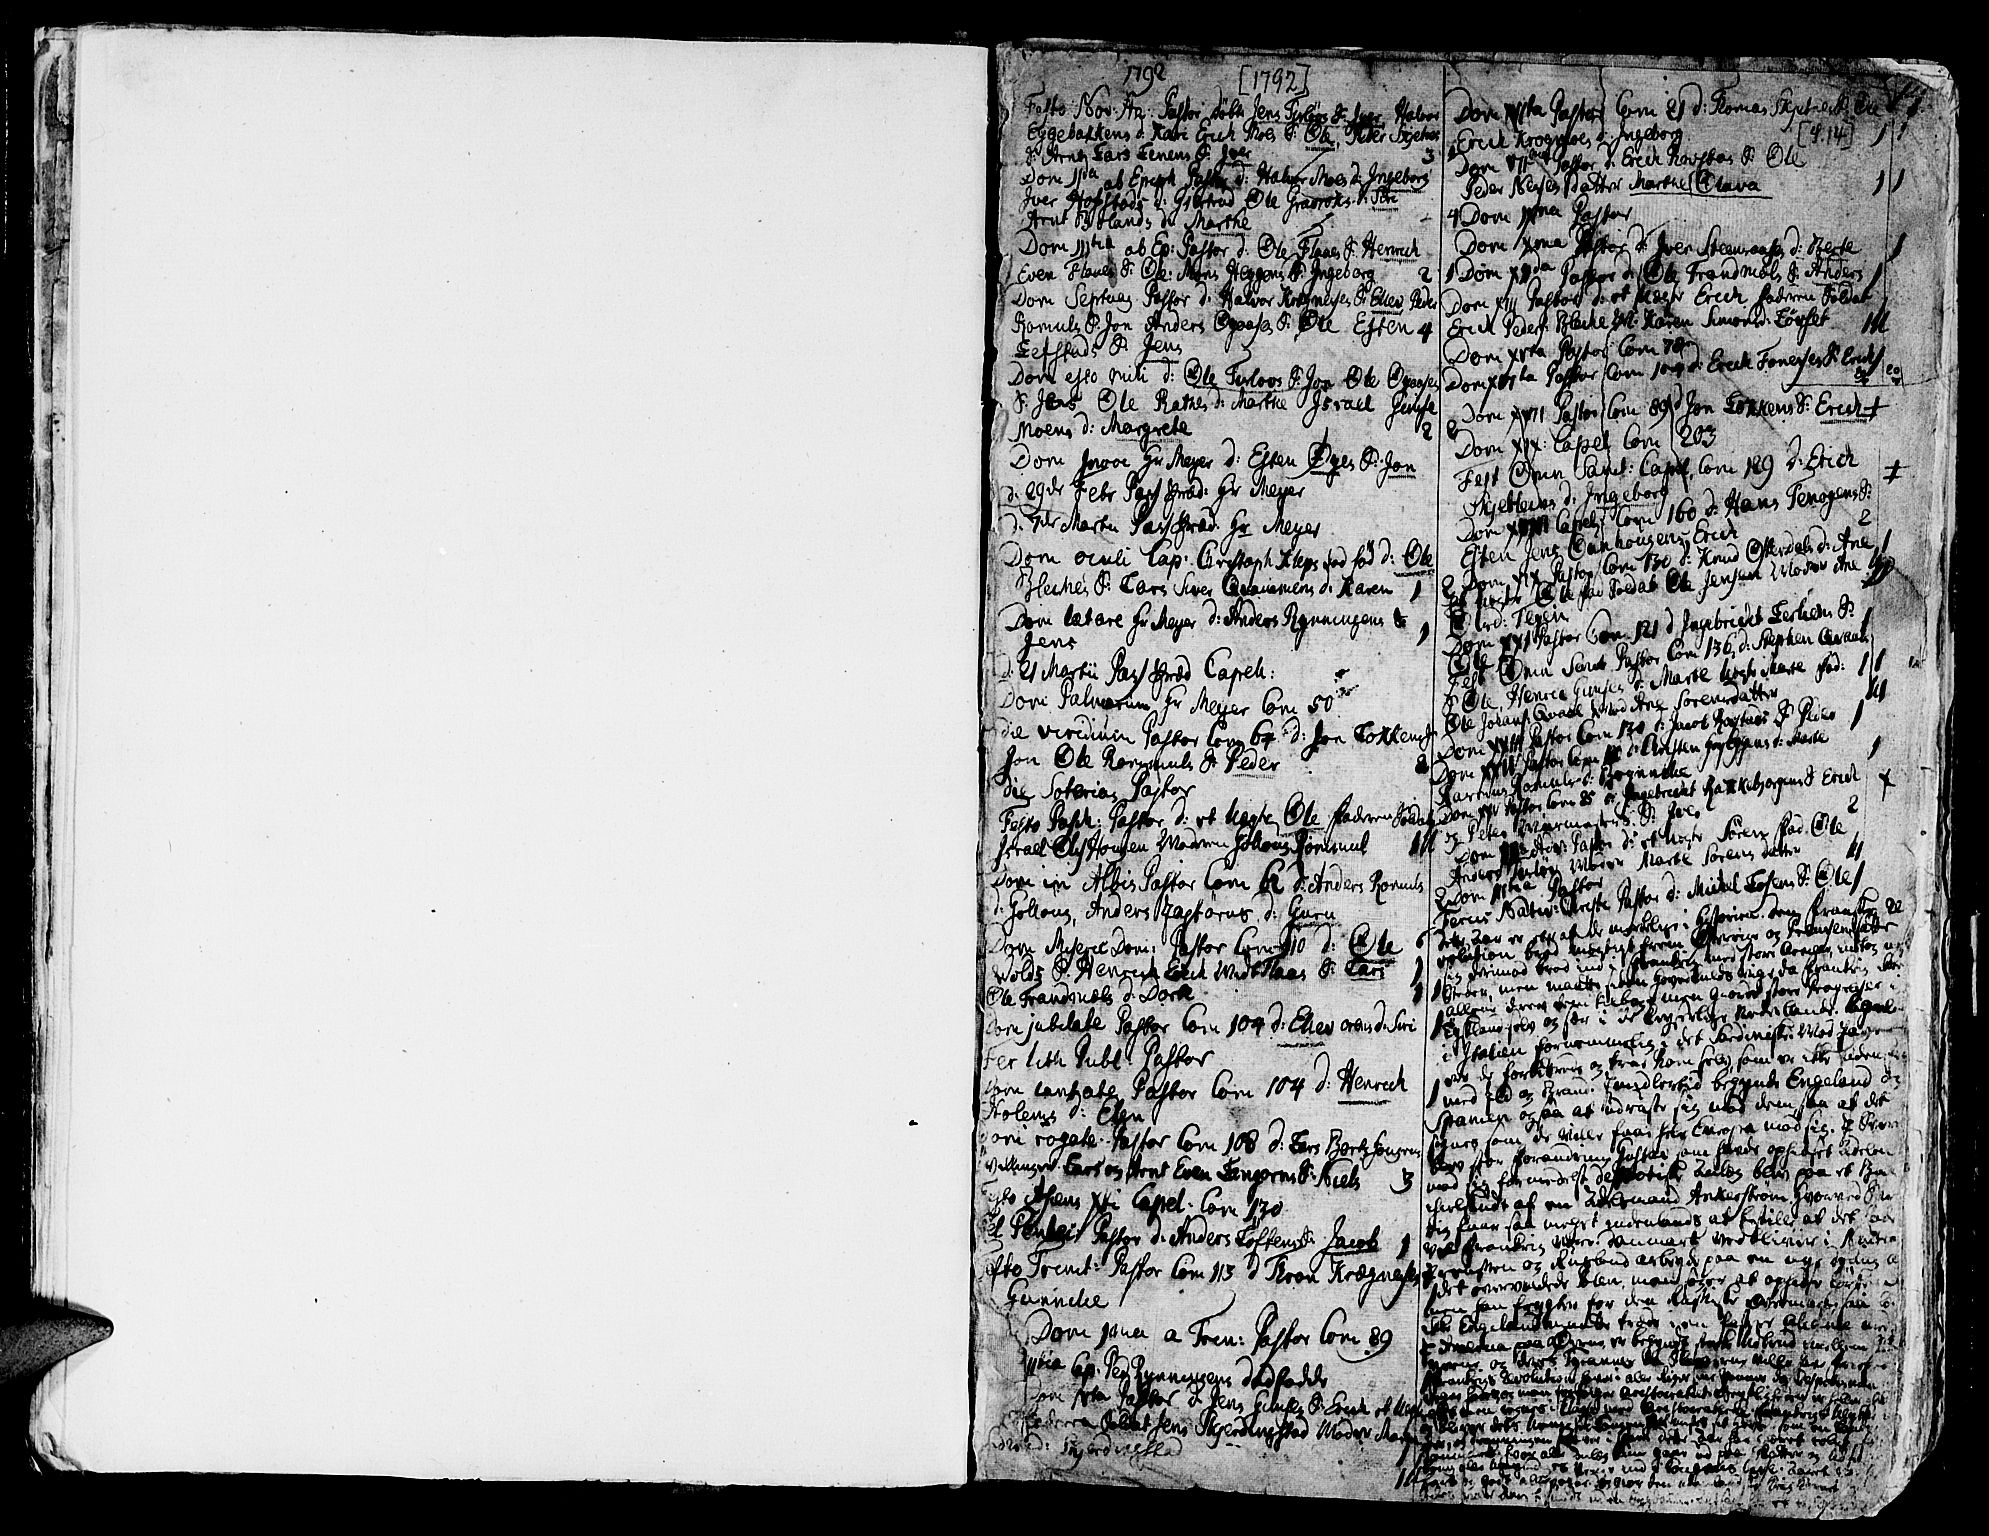 SAT, Ministerialprotokoller, klokkerbøker og fødselsregistre - Sør-Trøndelag, 691/L1061: Ministerialbok nr. 691A02 /1, 1768-1815, s. 14